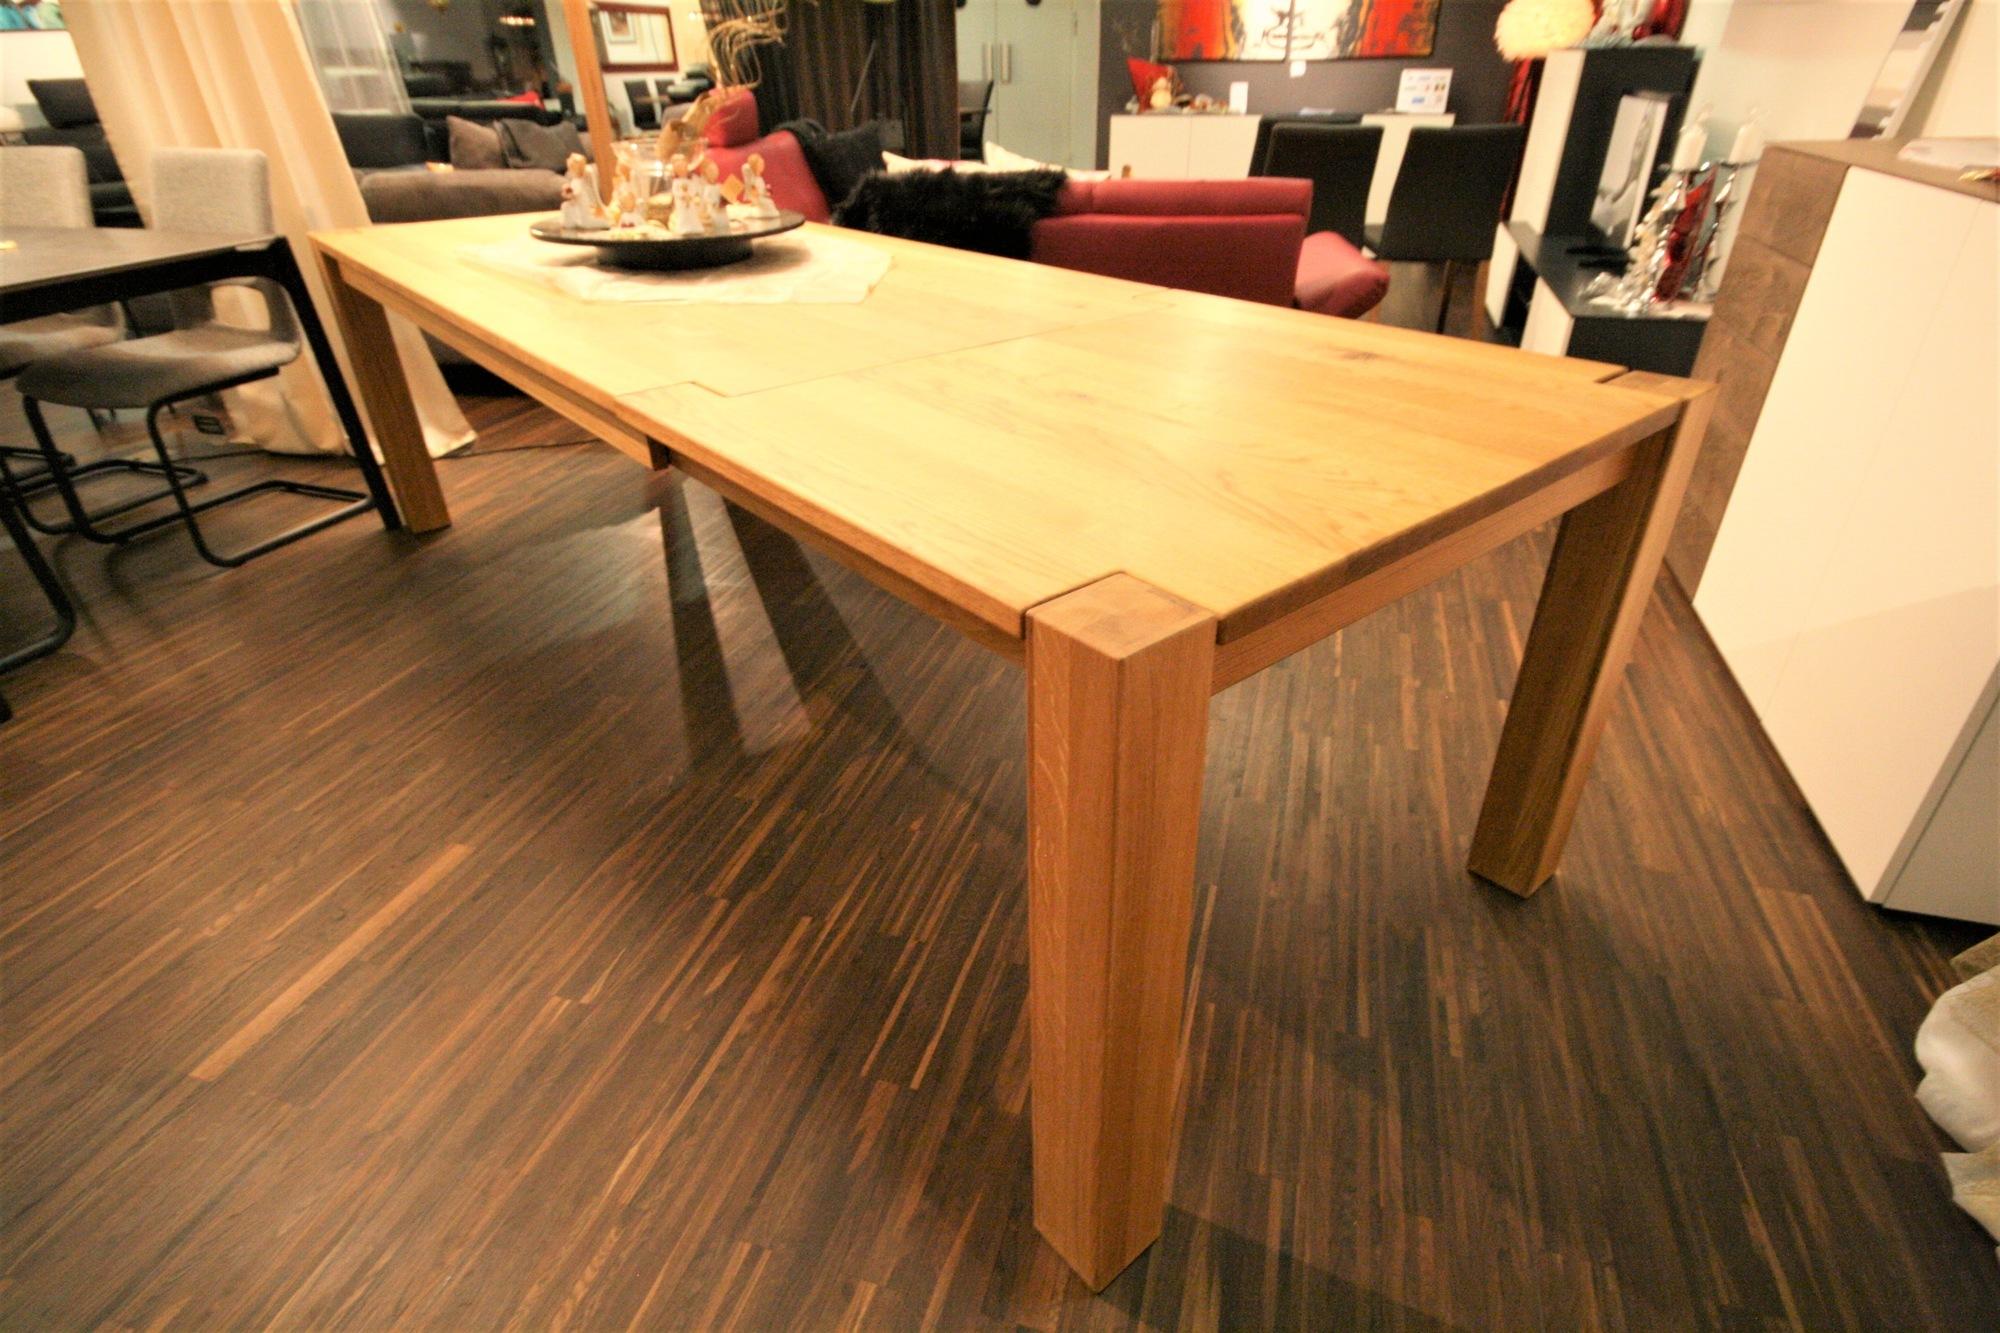 1546594699-essen-auszugtisch-massivholz.jpg